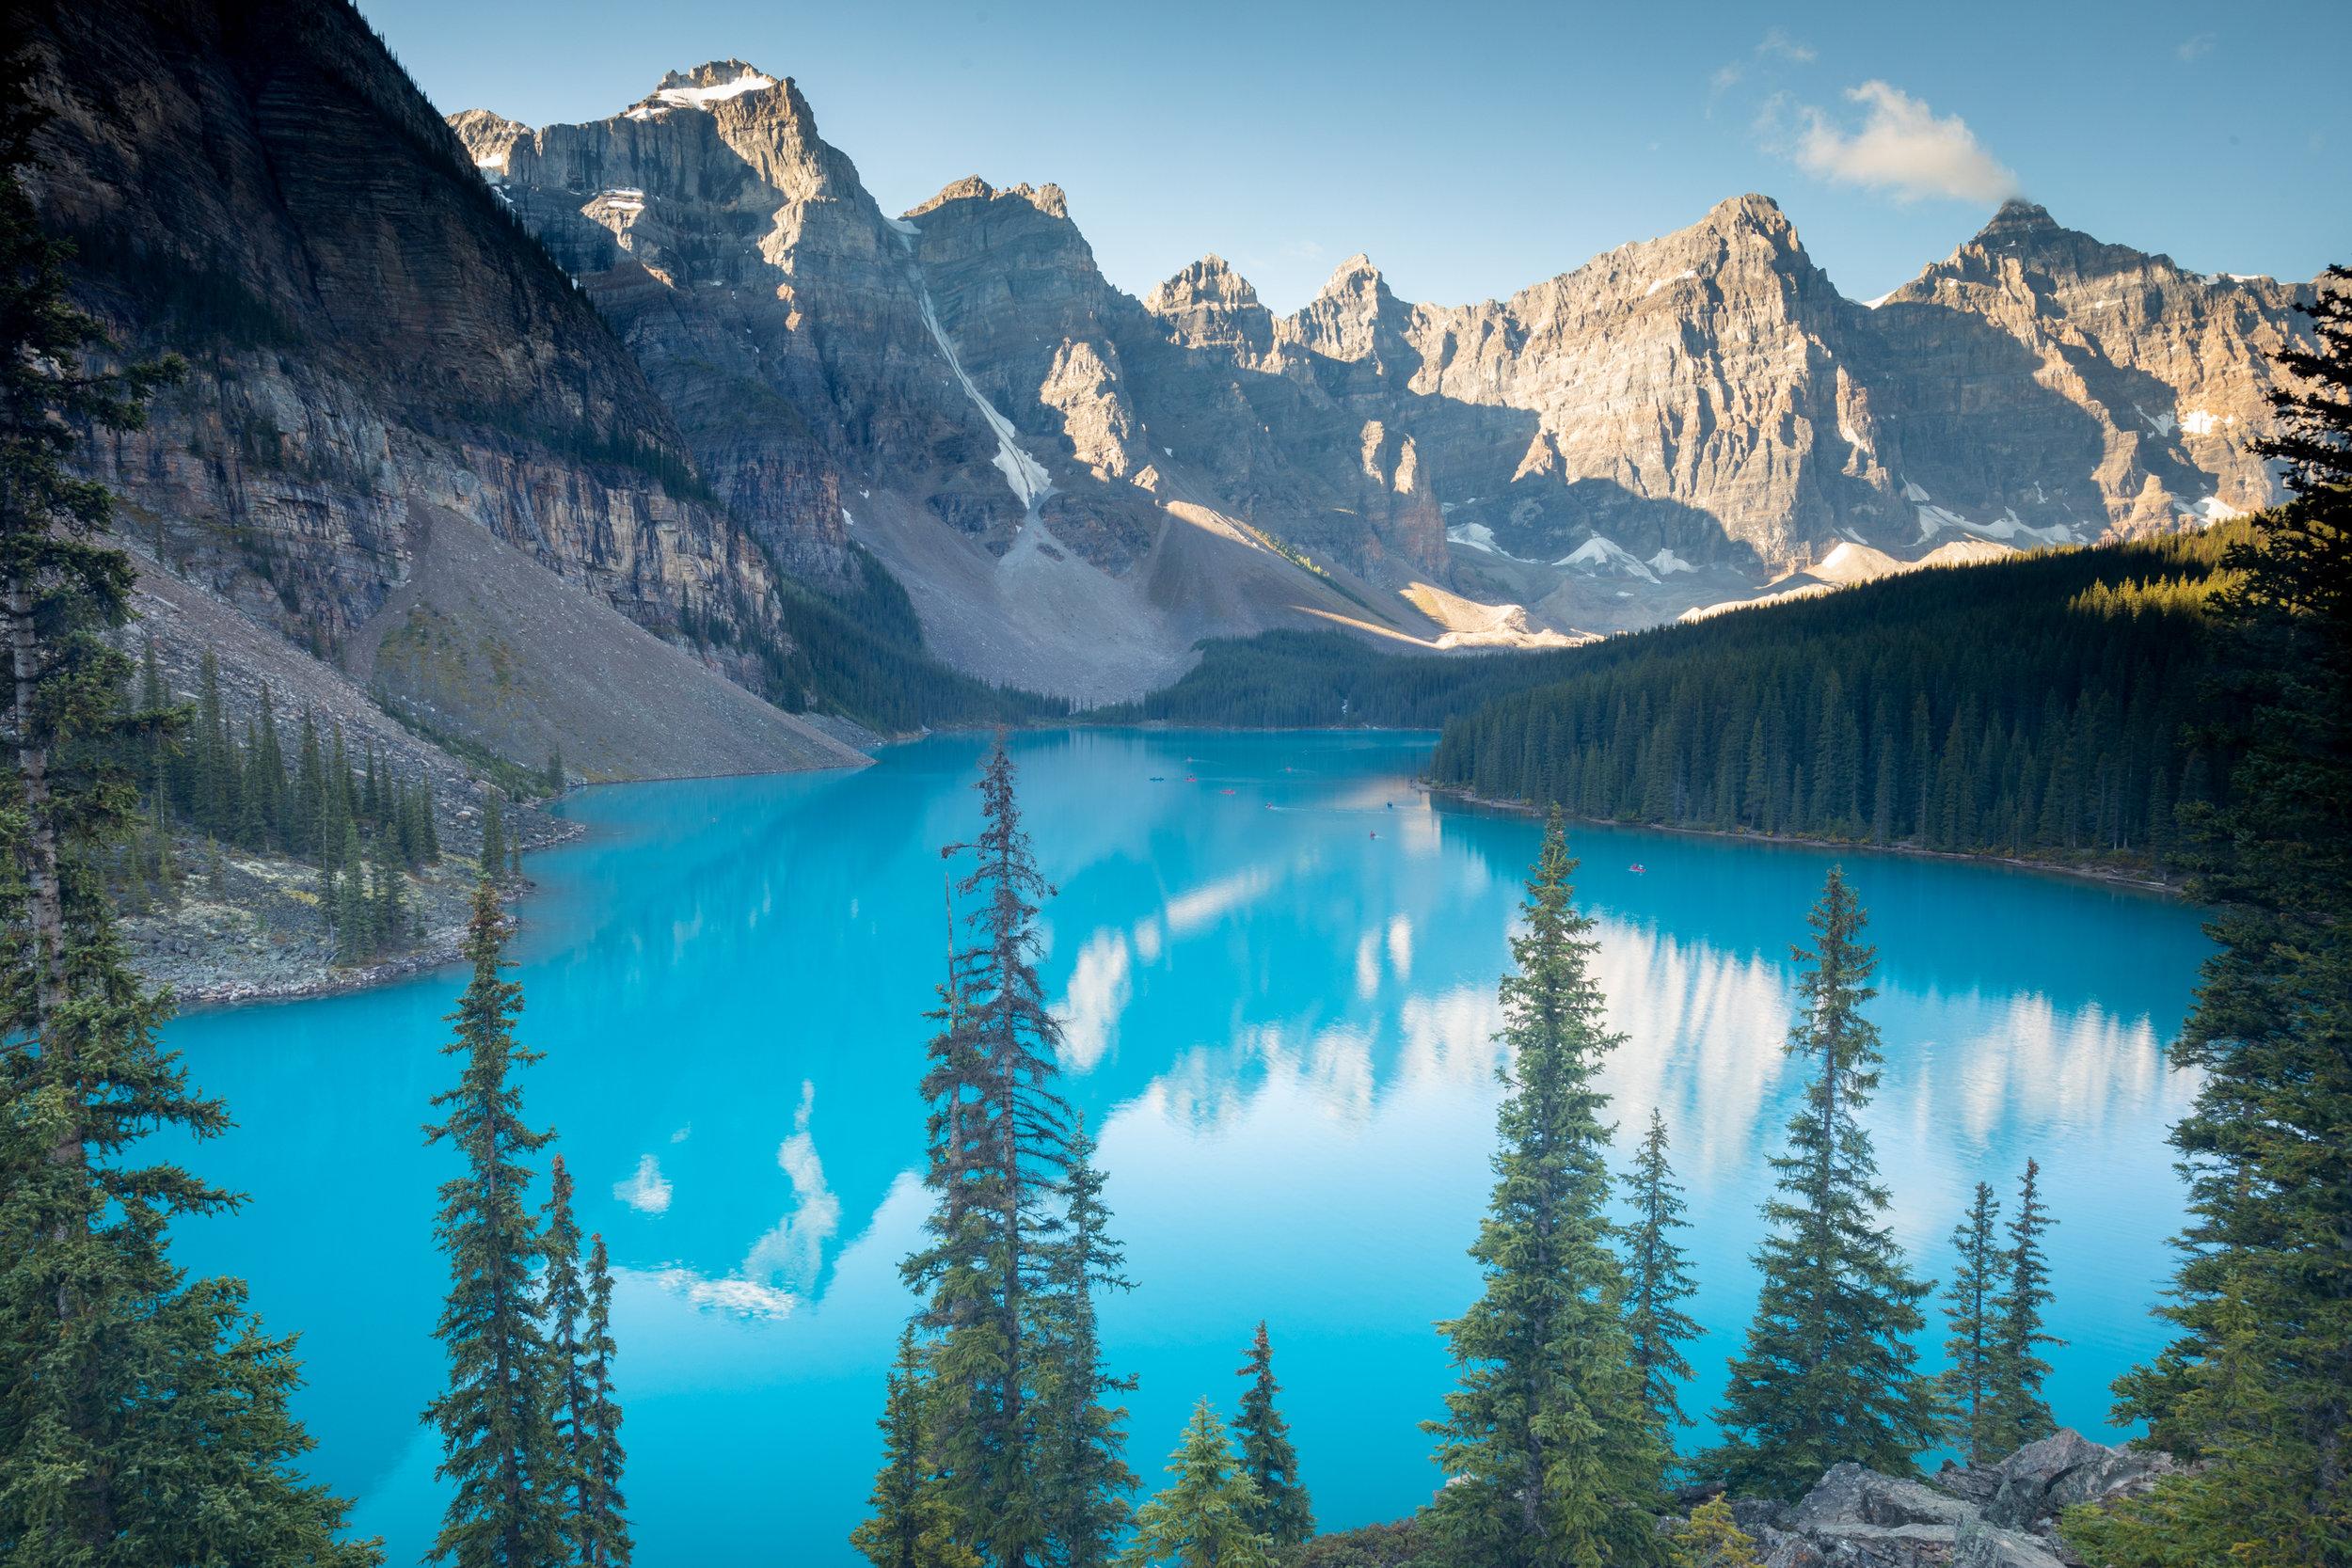 Moraine Lake, Banff National Park, Alberta [September, 2019]